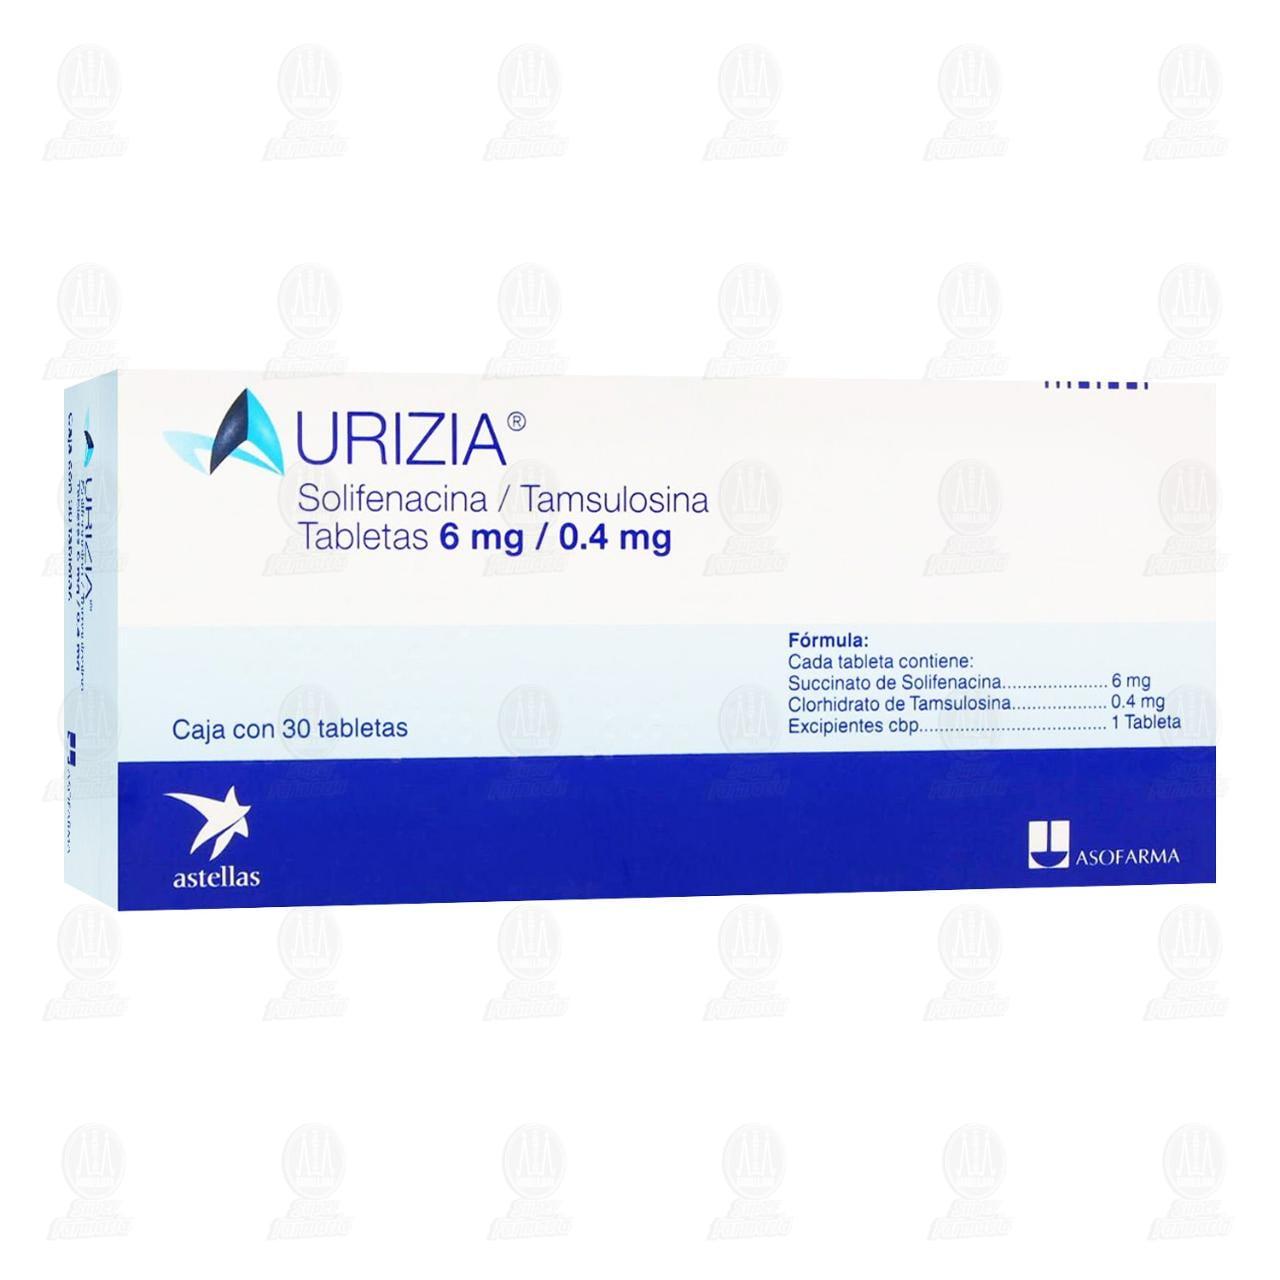 Comprar Urizia 6mg /0.4mg 30 Tabletas en Farmacias Guadalajara